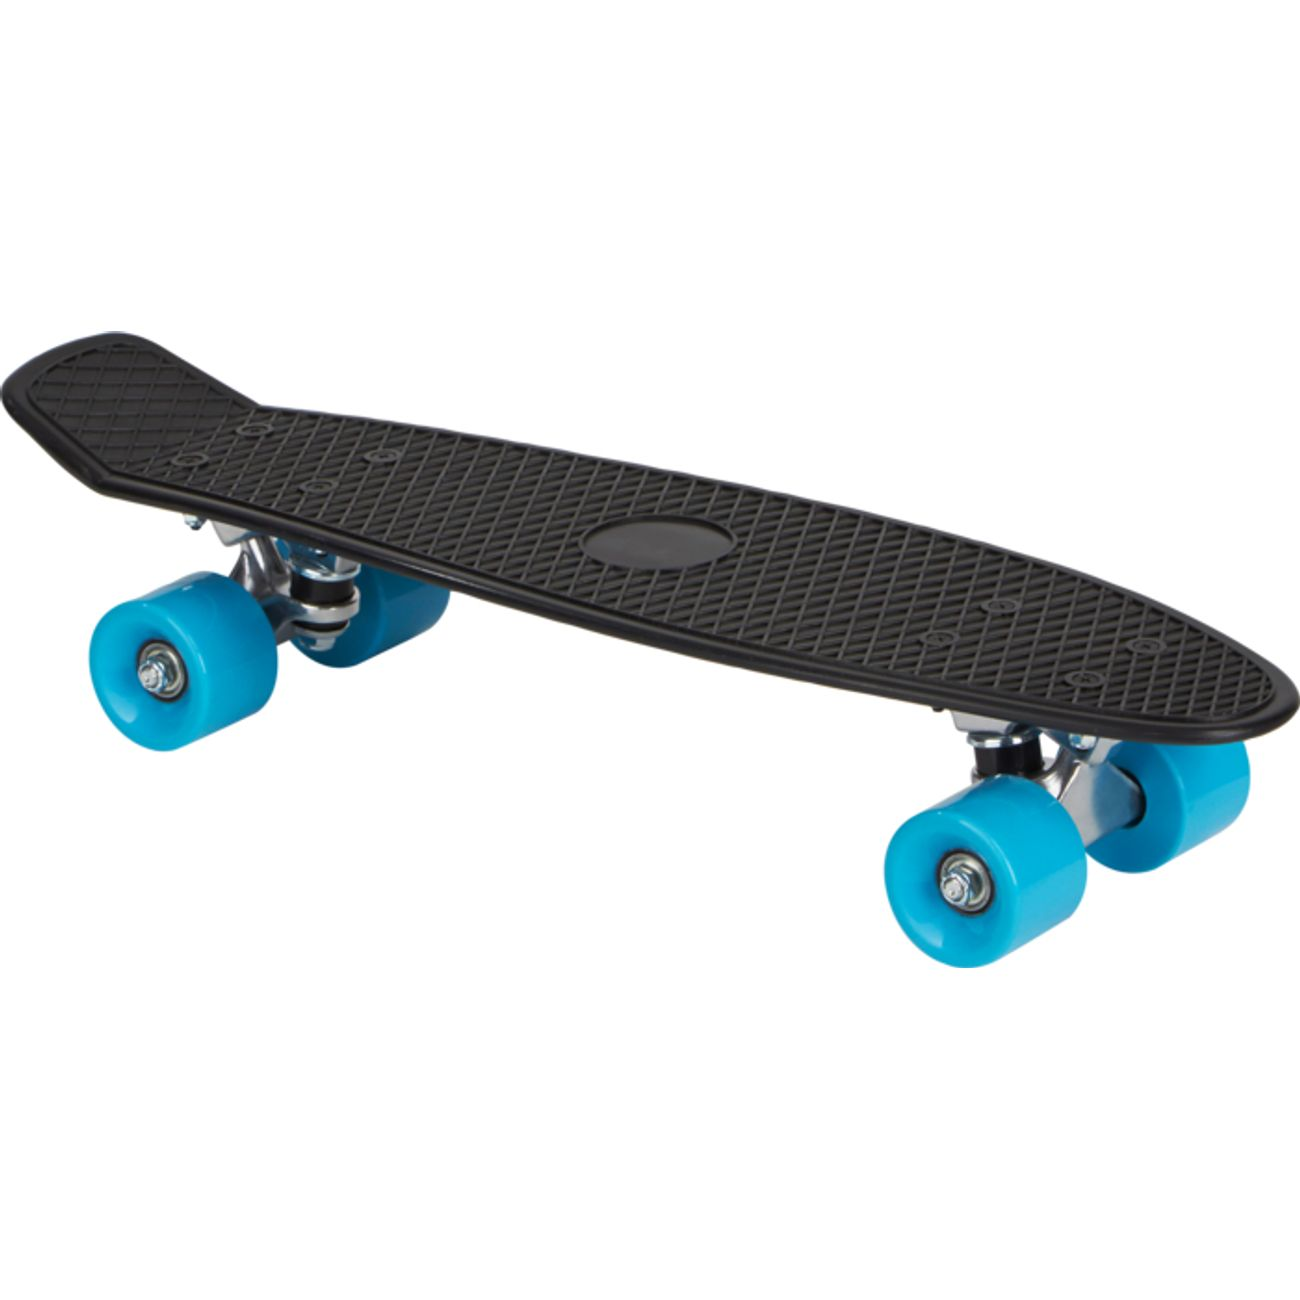 SKATE Skate  UP2GLIDE VINTAGE 22 NOIR